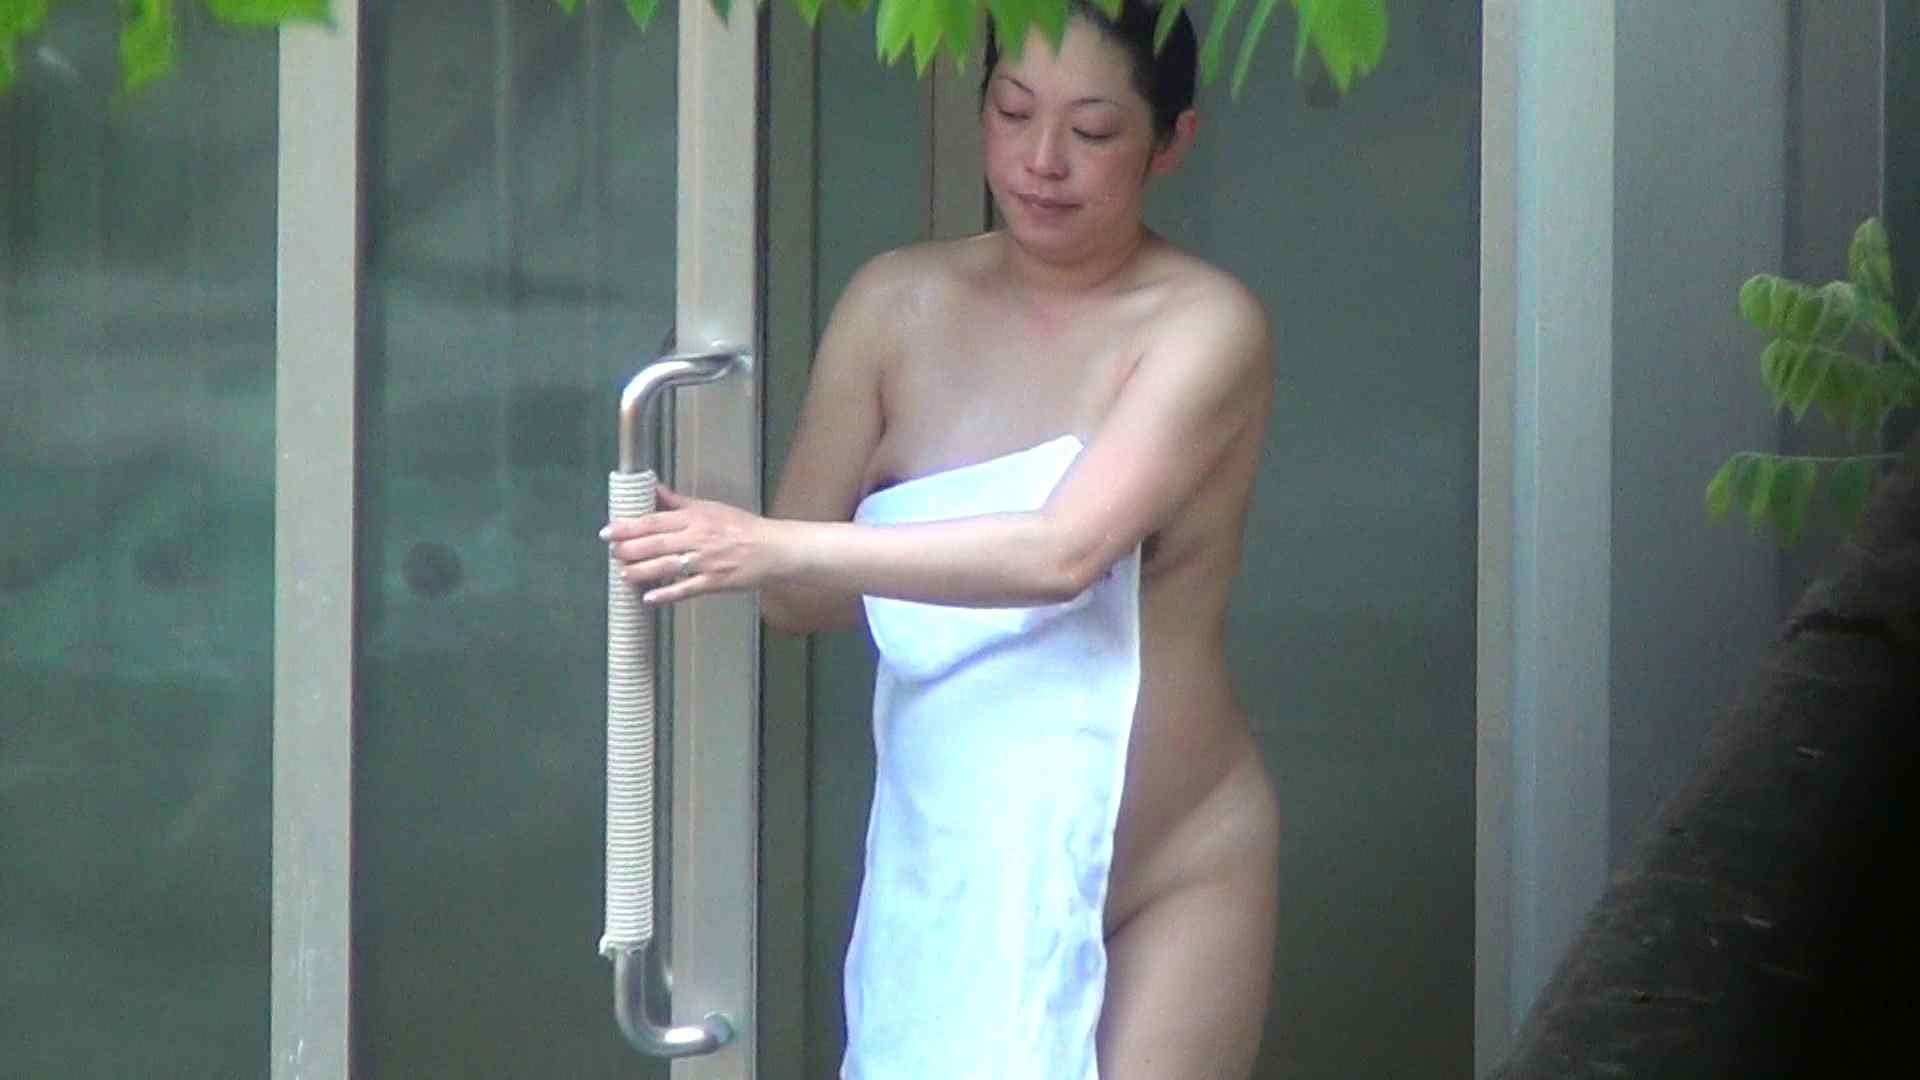 ハイビジョンVol.9 美女盛り合わせ No.3 美女  31pic 9